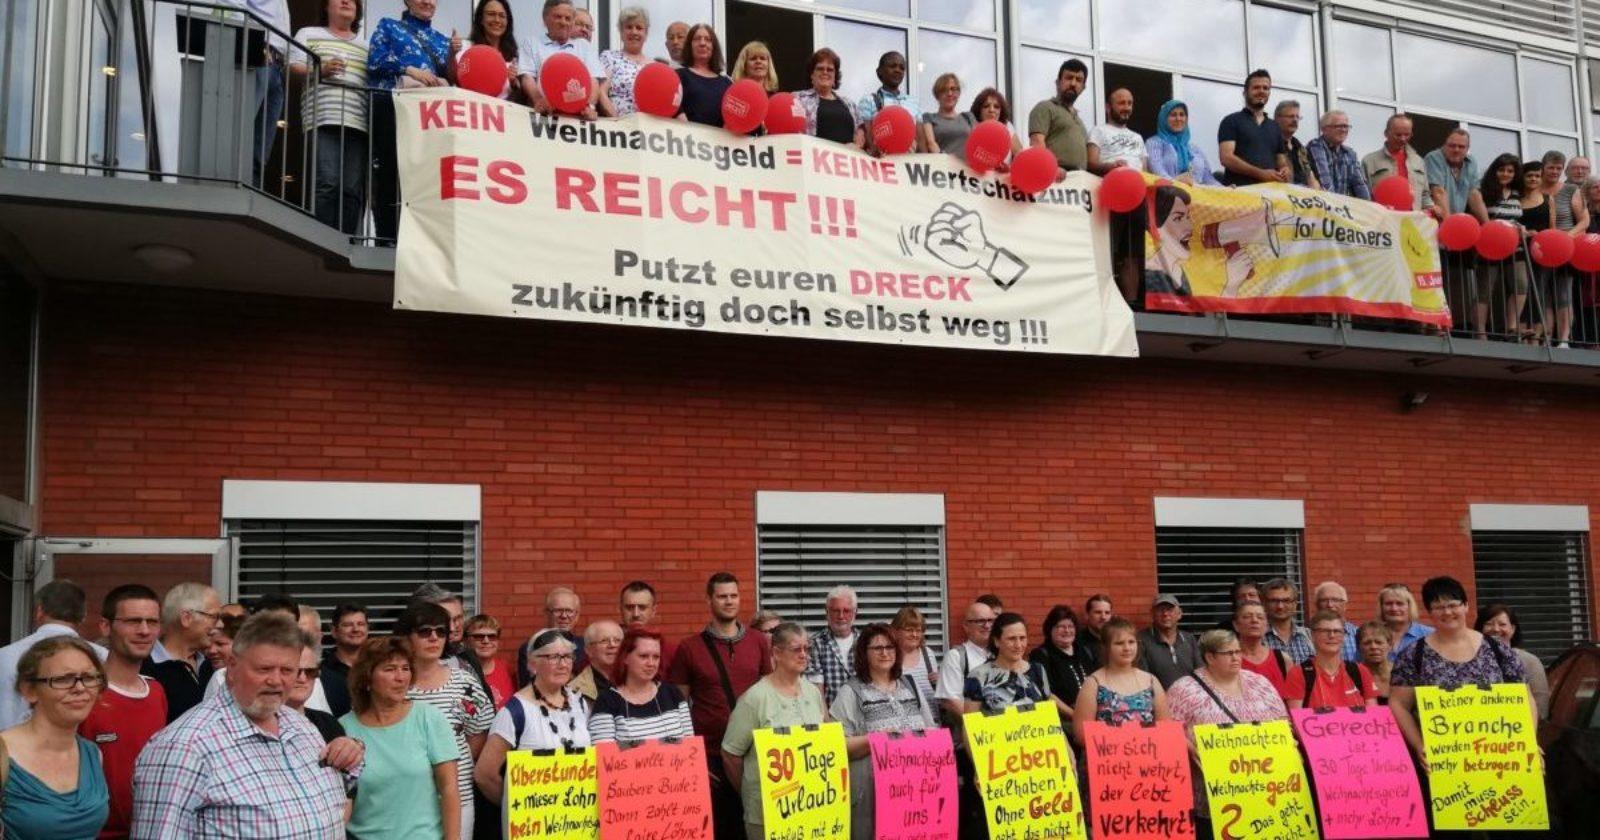 Tag der Gebäudereinigung in Niedersachsen - Mehr als 100 KollegInnen machen sich fit für Tarifkonflikt